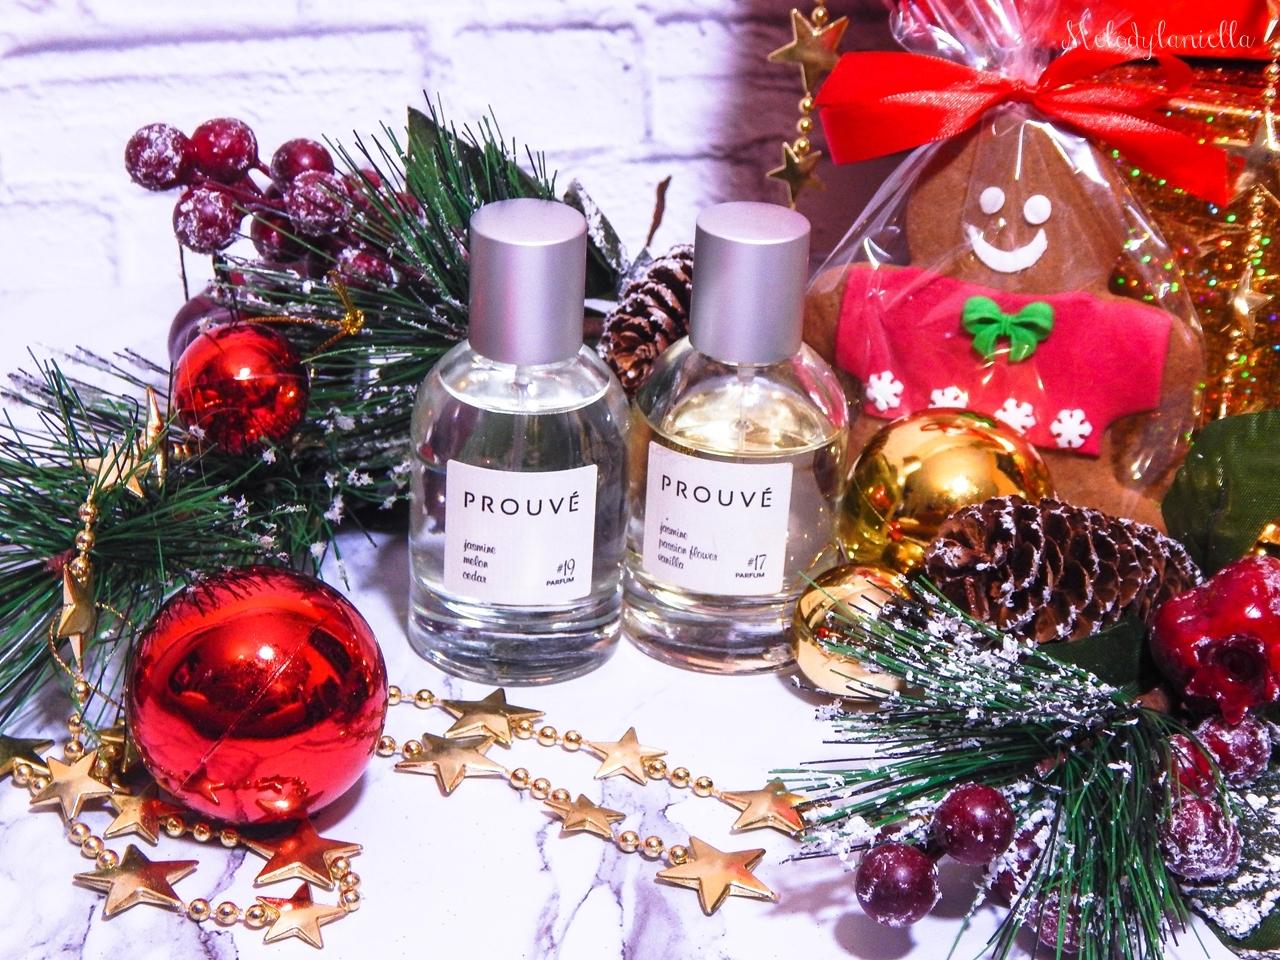 7 pomysły na przent świąteczny dla niej dla niego nietypowe perfumy dobrej jakości polskie produkty na prezent gwiazdkowy pod choinkę na mikołaja dla rodziny święta christmas 2017